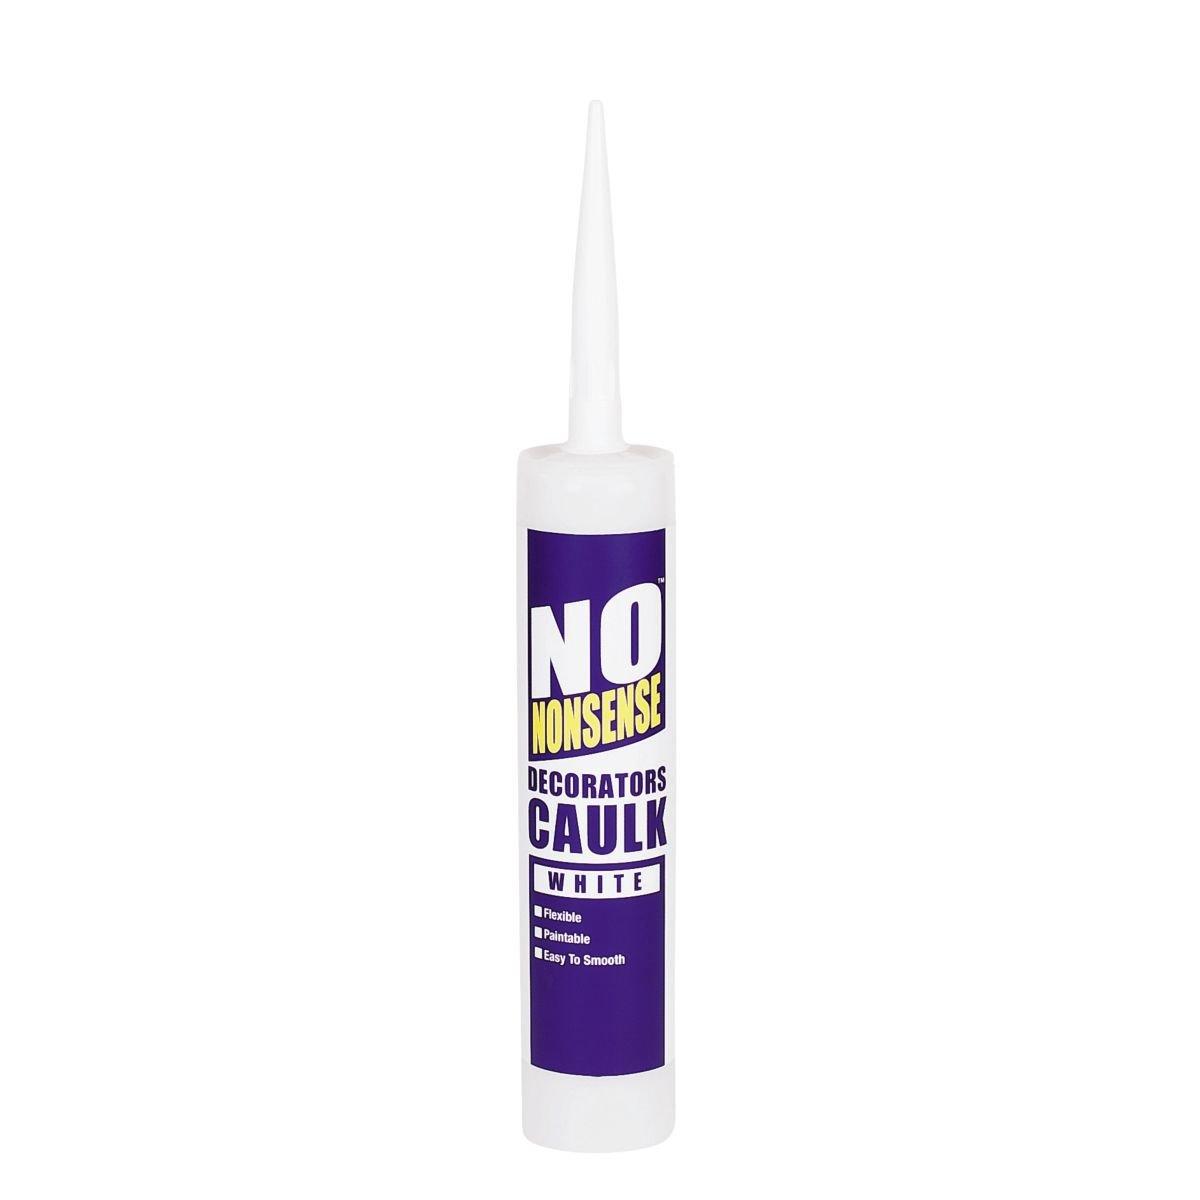 No Nonsense Decorators' Caulk White 310ml